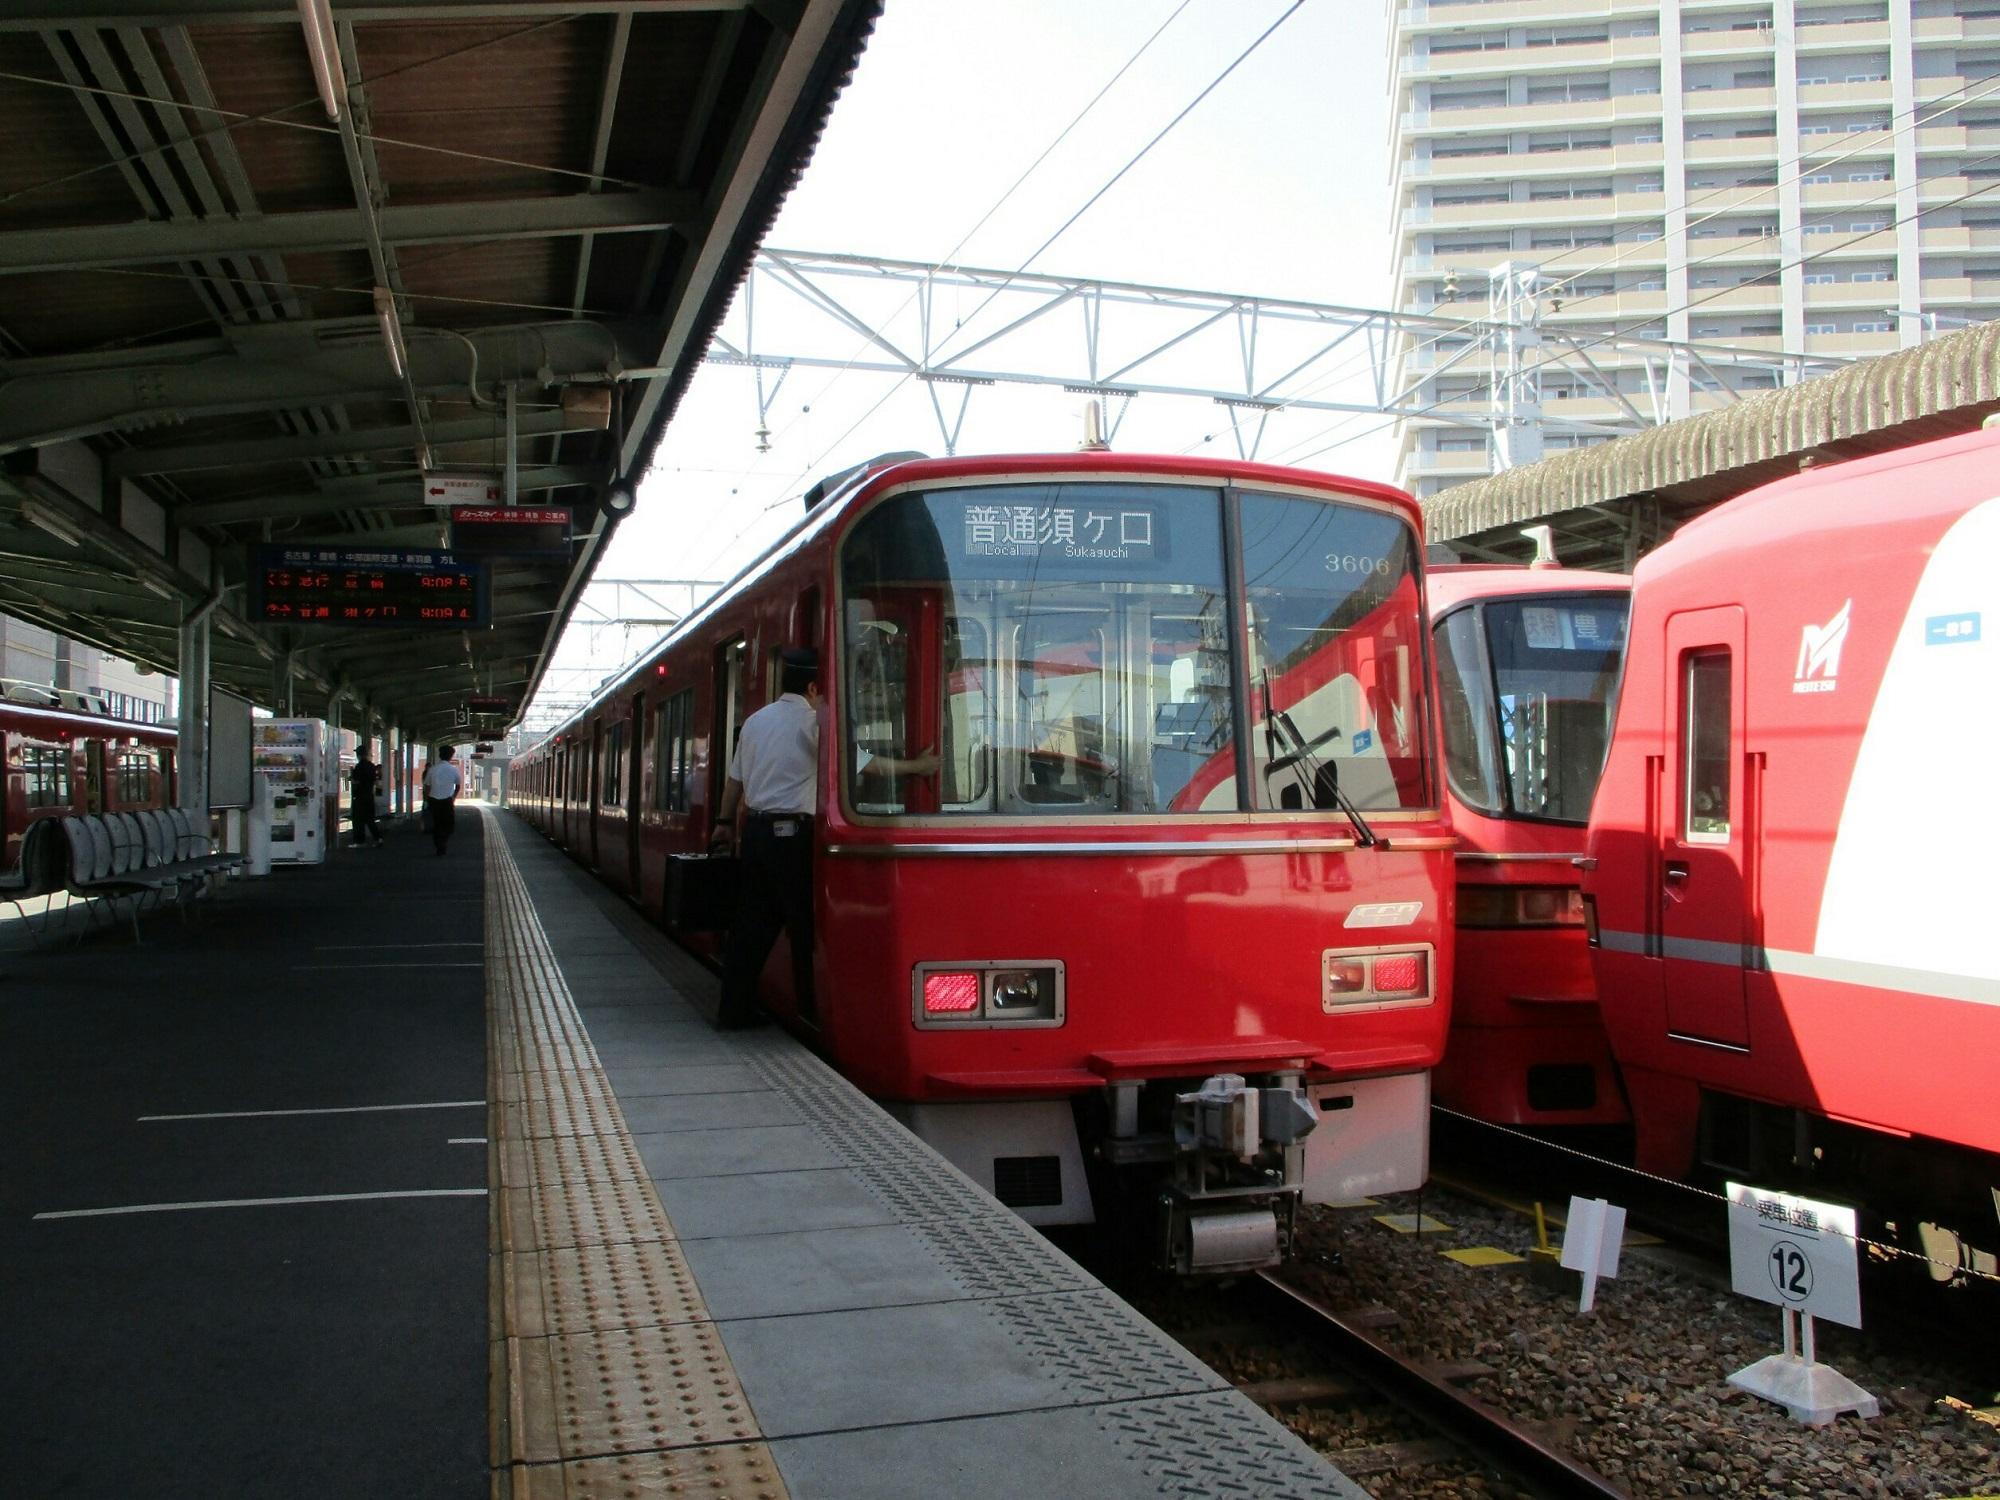 2018.7.18 (3) 岐阜 - 須ヶ口いきふつう(うしろ) 2000-1500